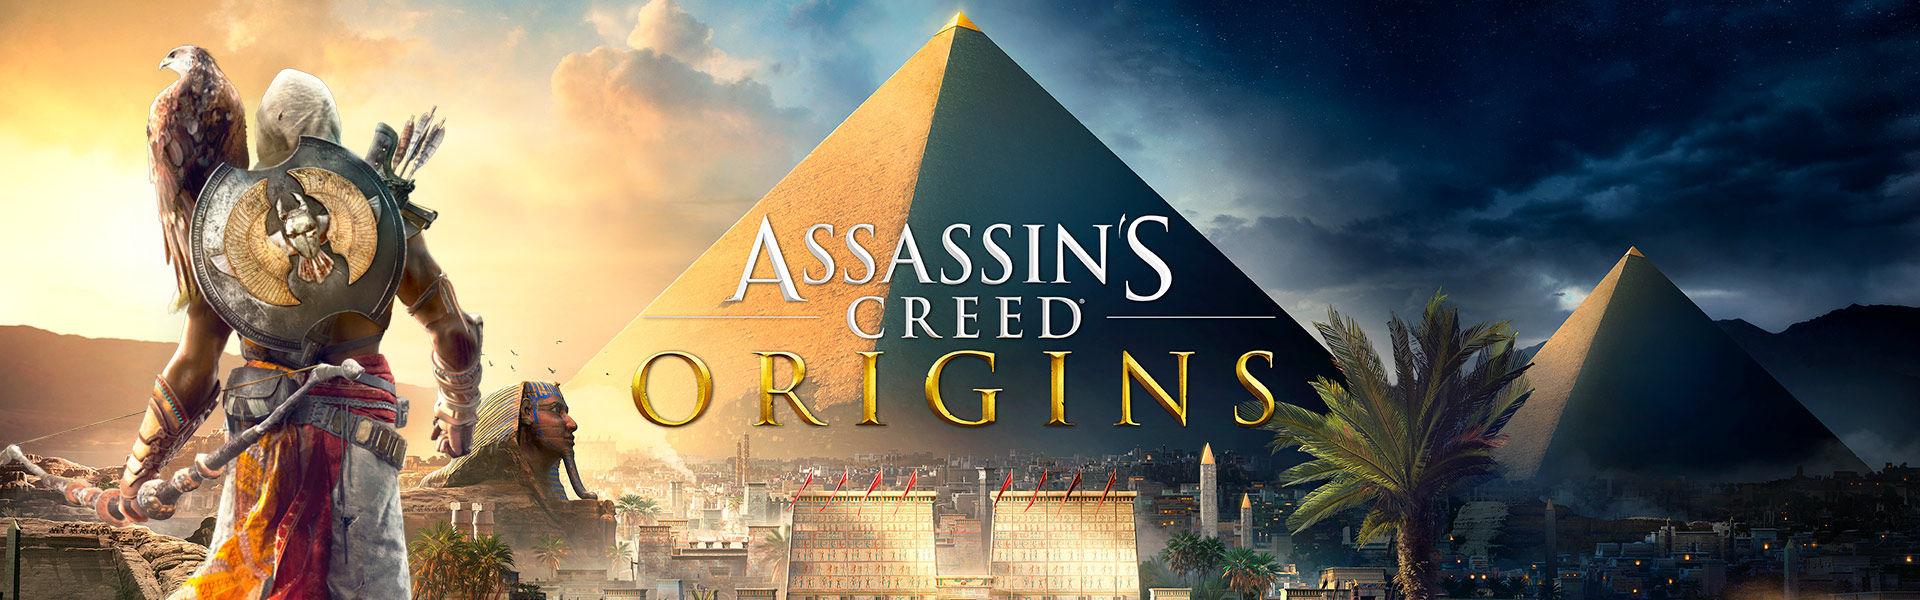 Revelado o trailer de Assassin's Creed Origins   E3 2017